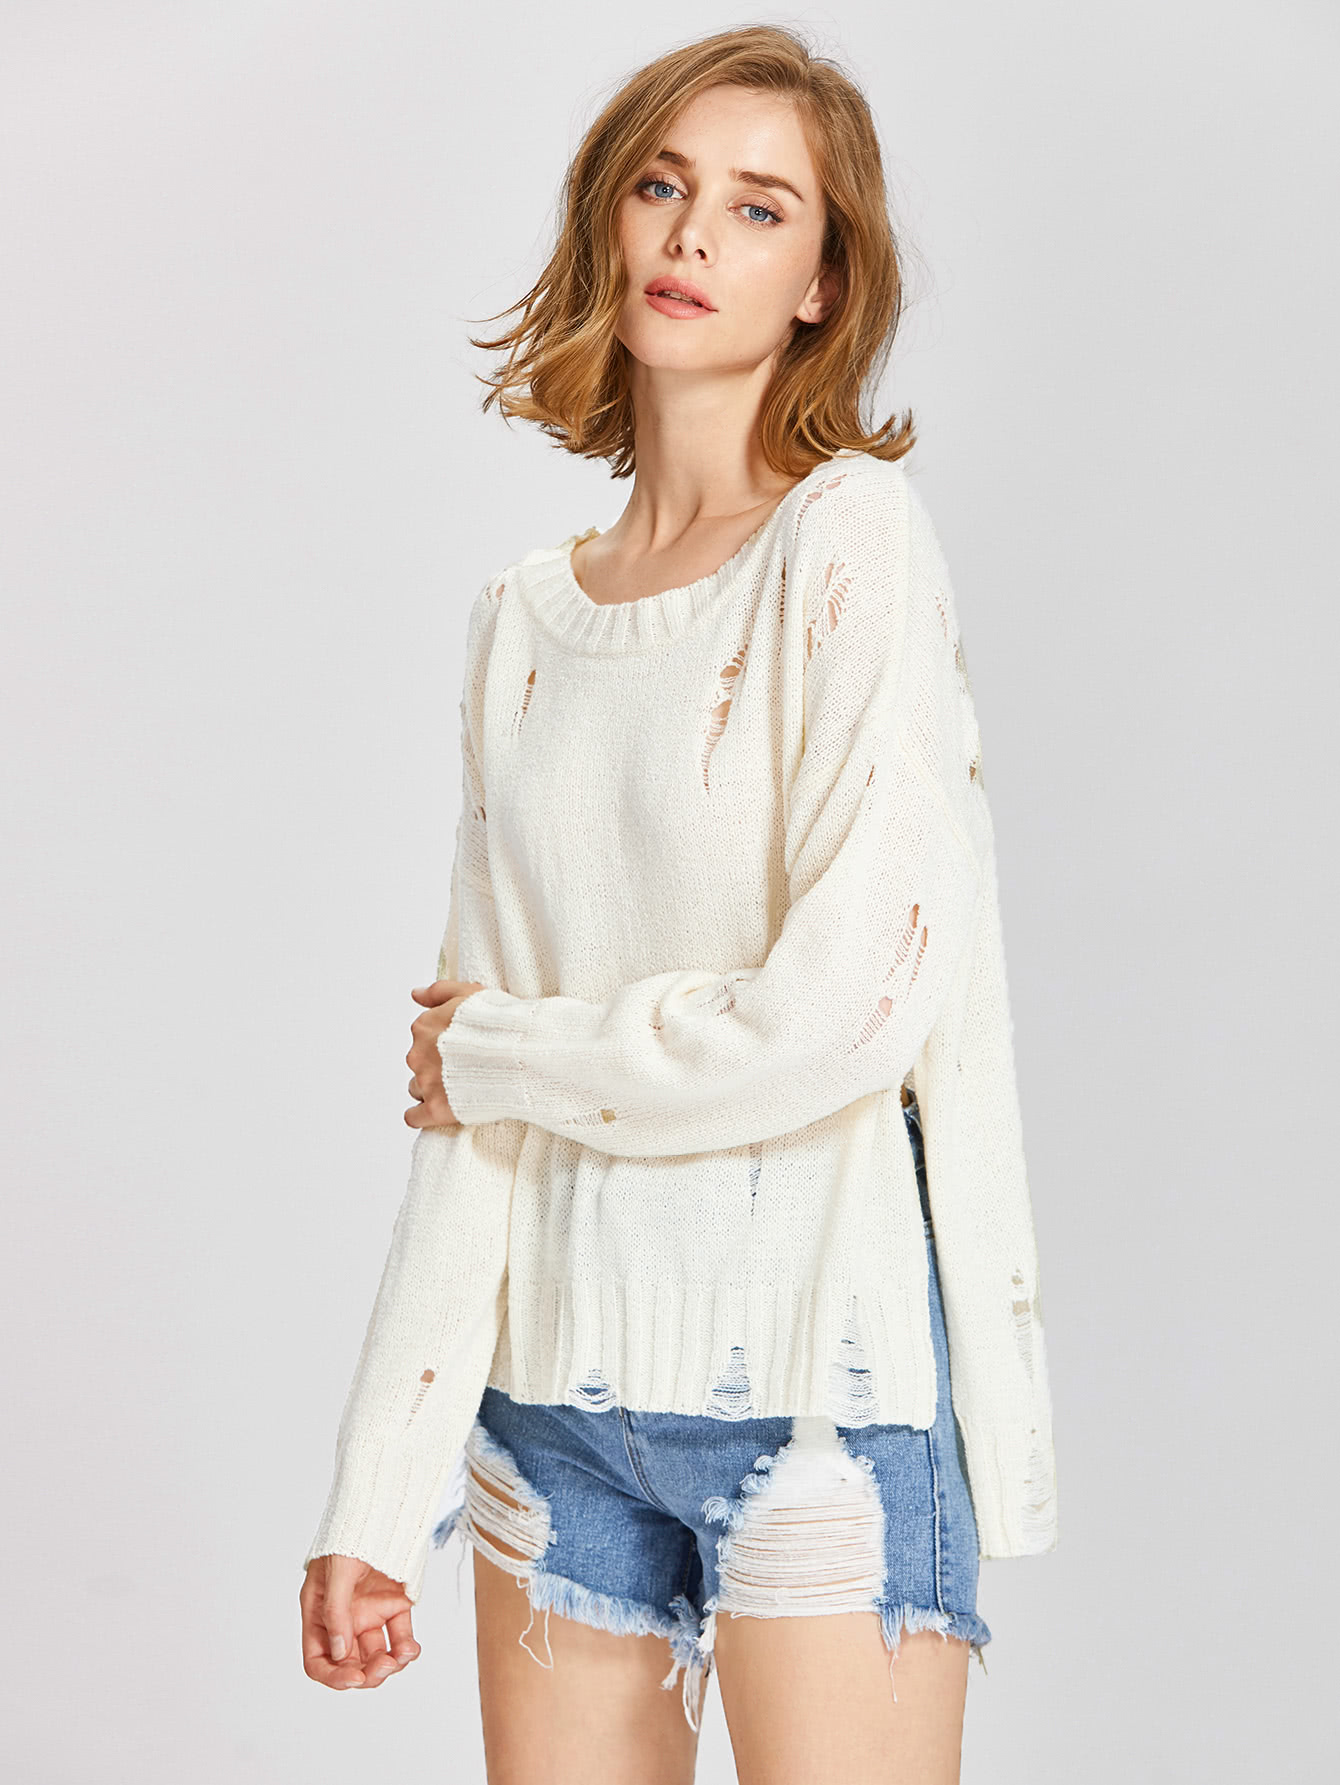 Slit Stepped Hem Destroyed Jumper sweater170704457